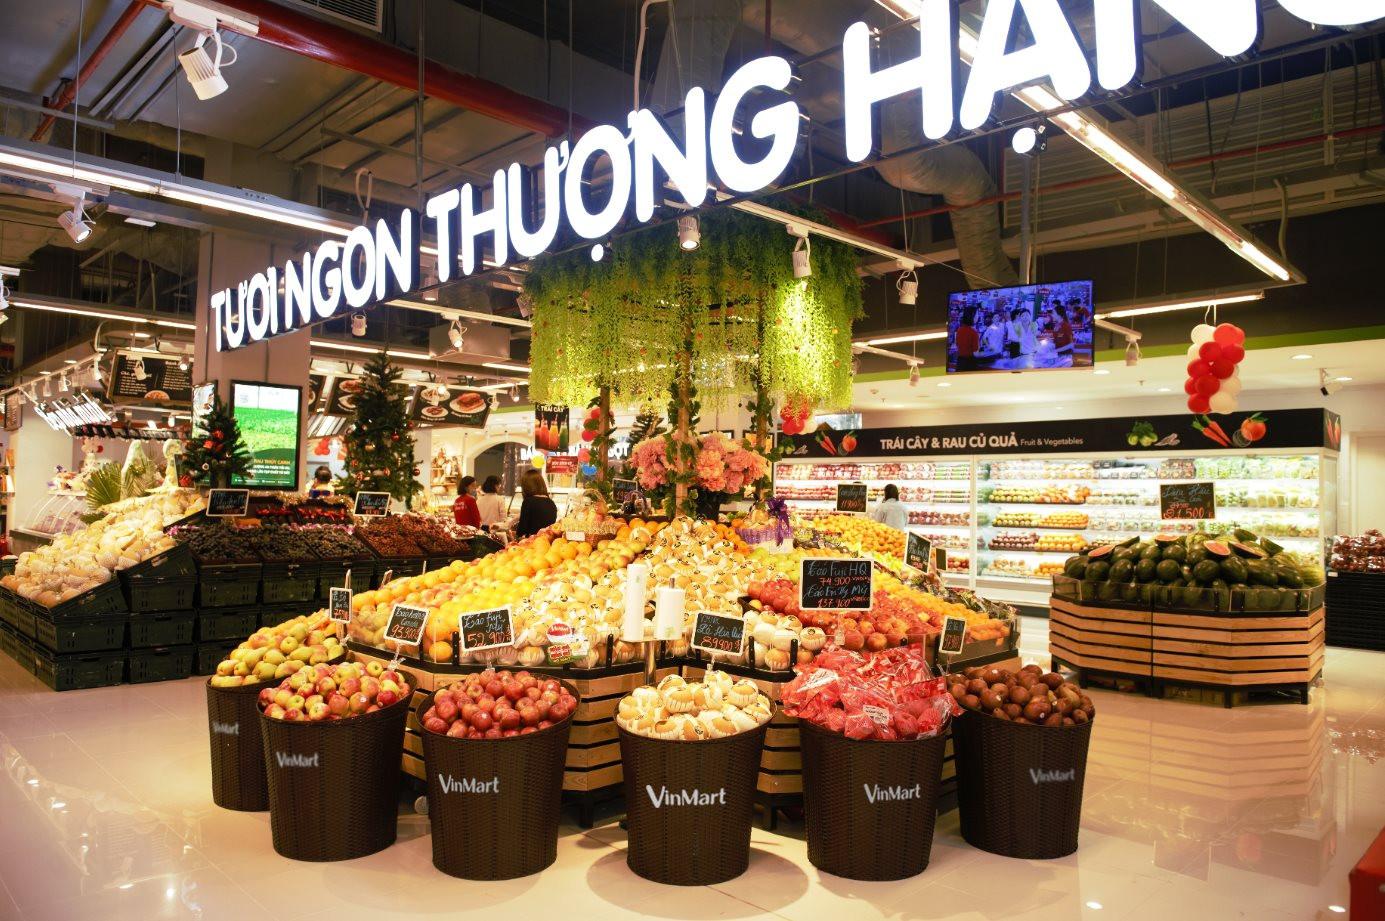 he-thong-sieu-thi-vinmart-voi-dinh-vi-tuoi-ngon-thuong-hang.jpg